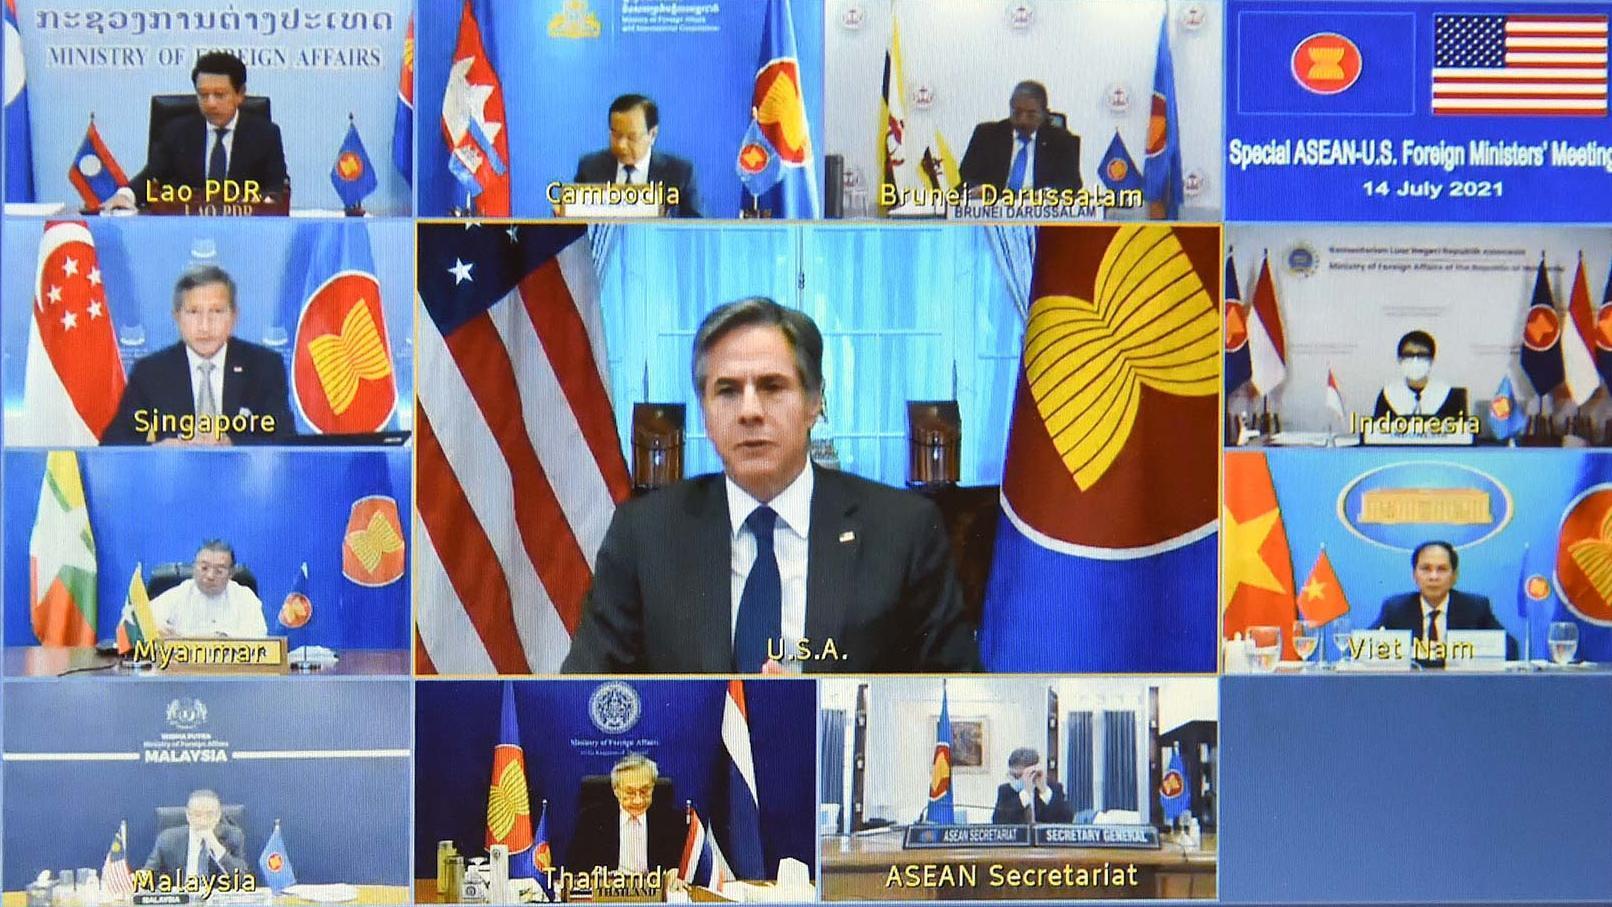 Việt Nam hoan nghênh Mỹ đã hỗ trợ vắc xin Covid-19 cho ASEAN